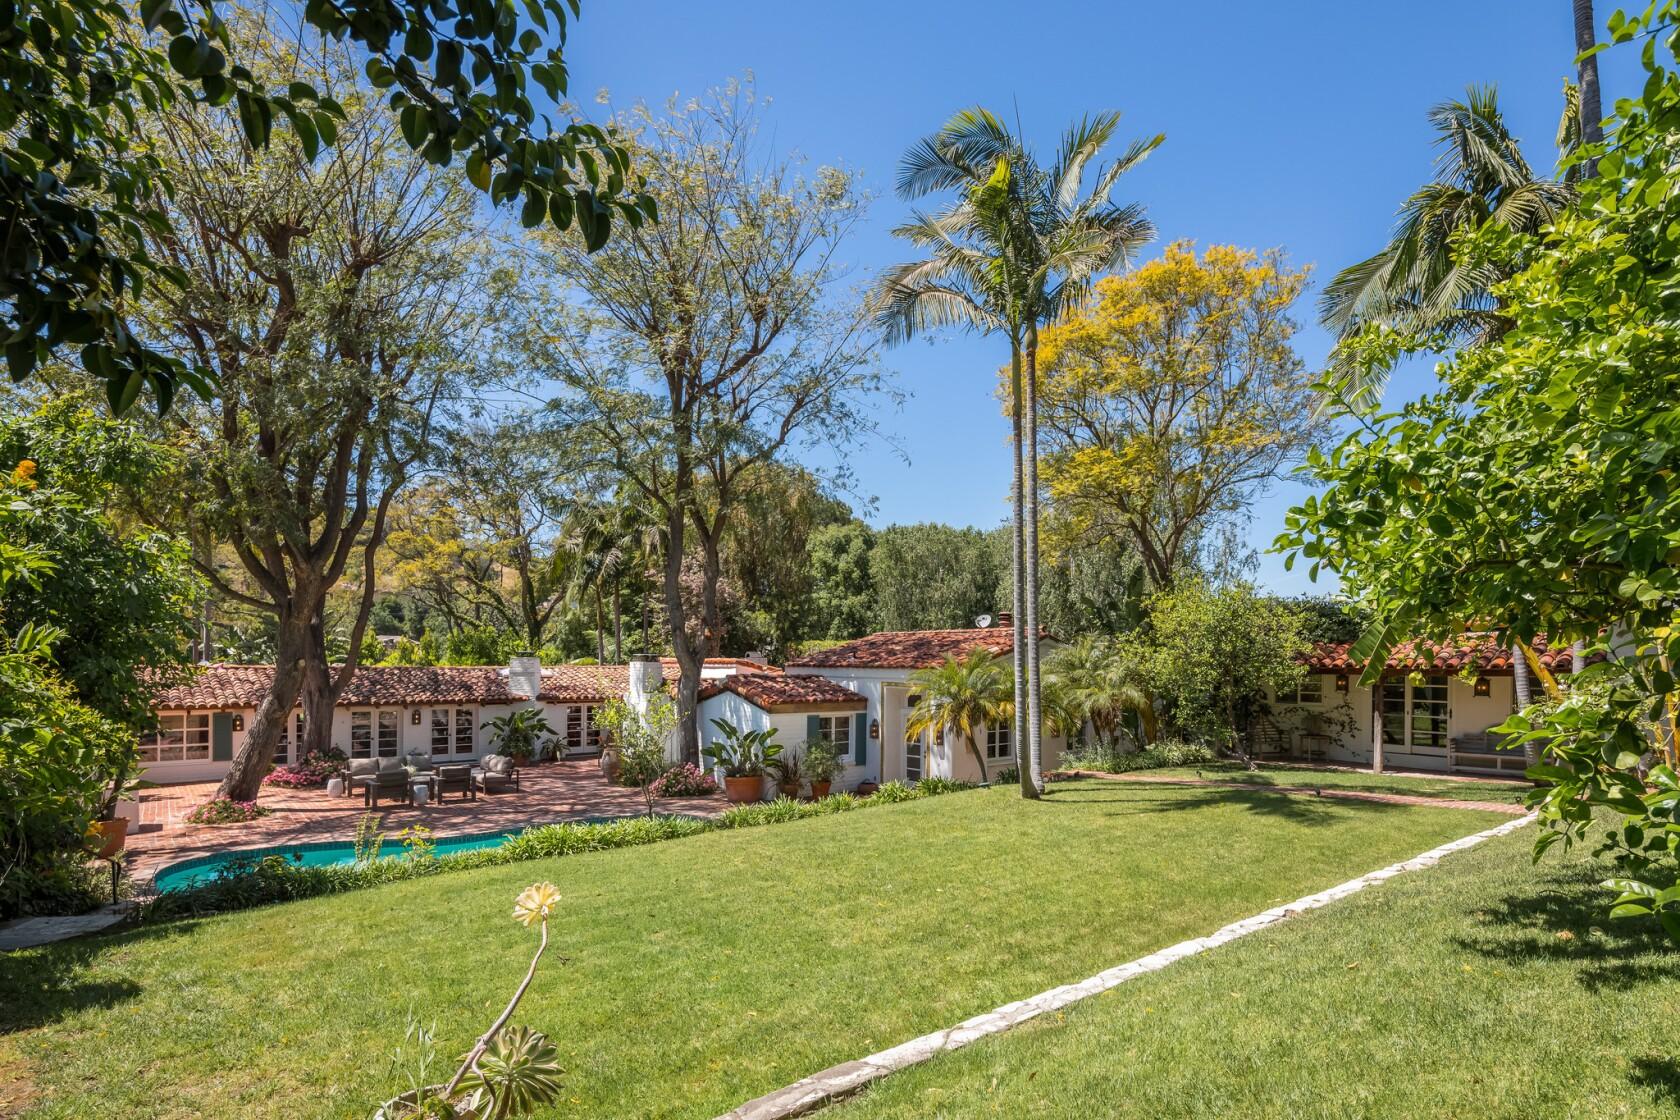 Sherman Oaks house owned by Guns N' Roses' Duff McKagan is